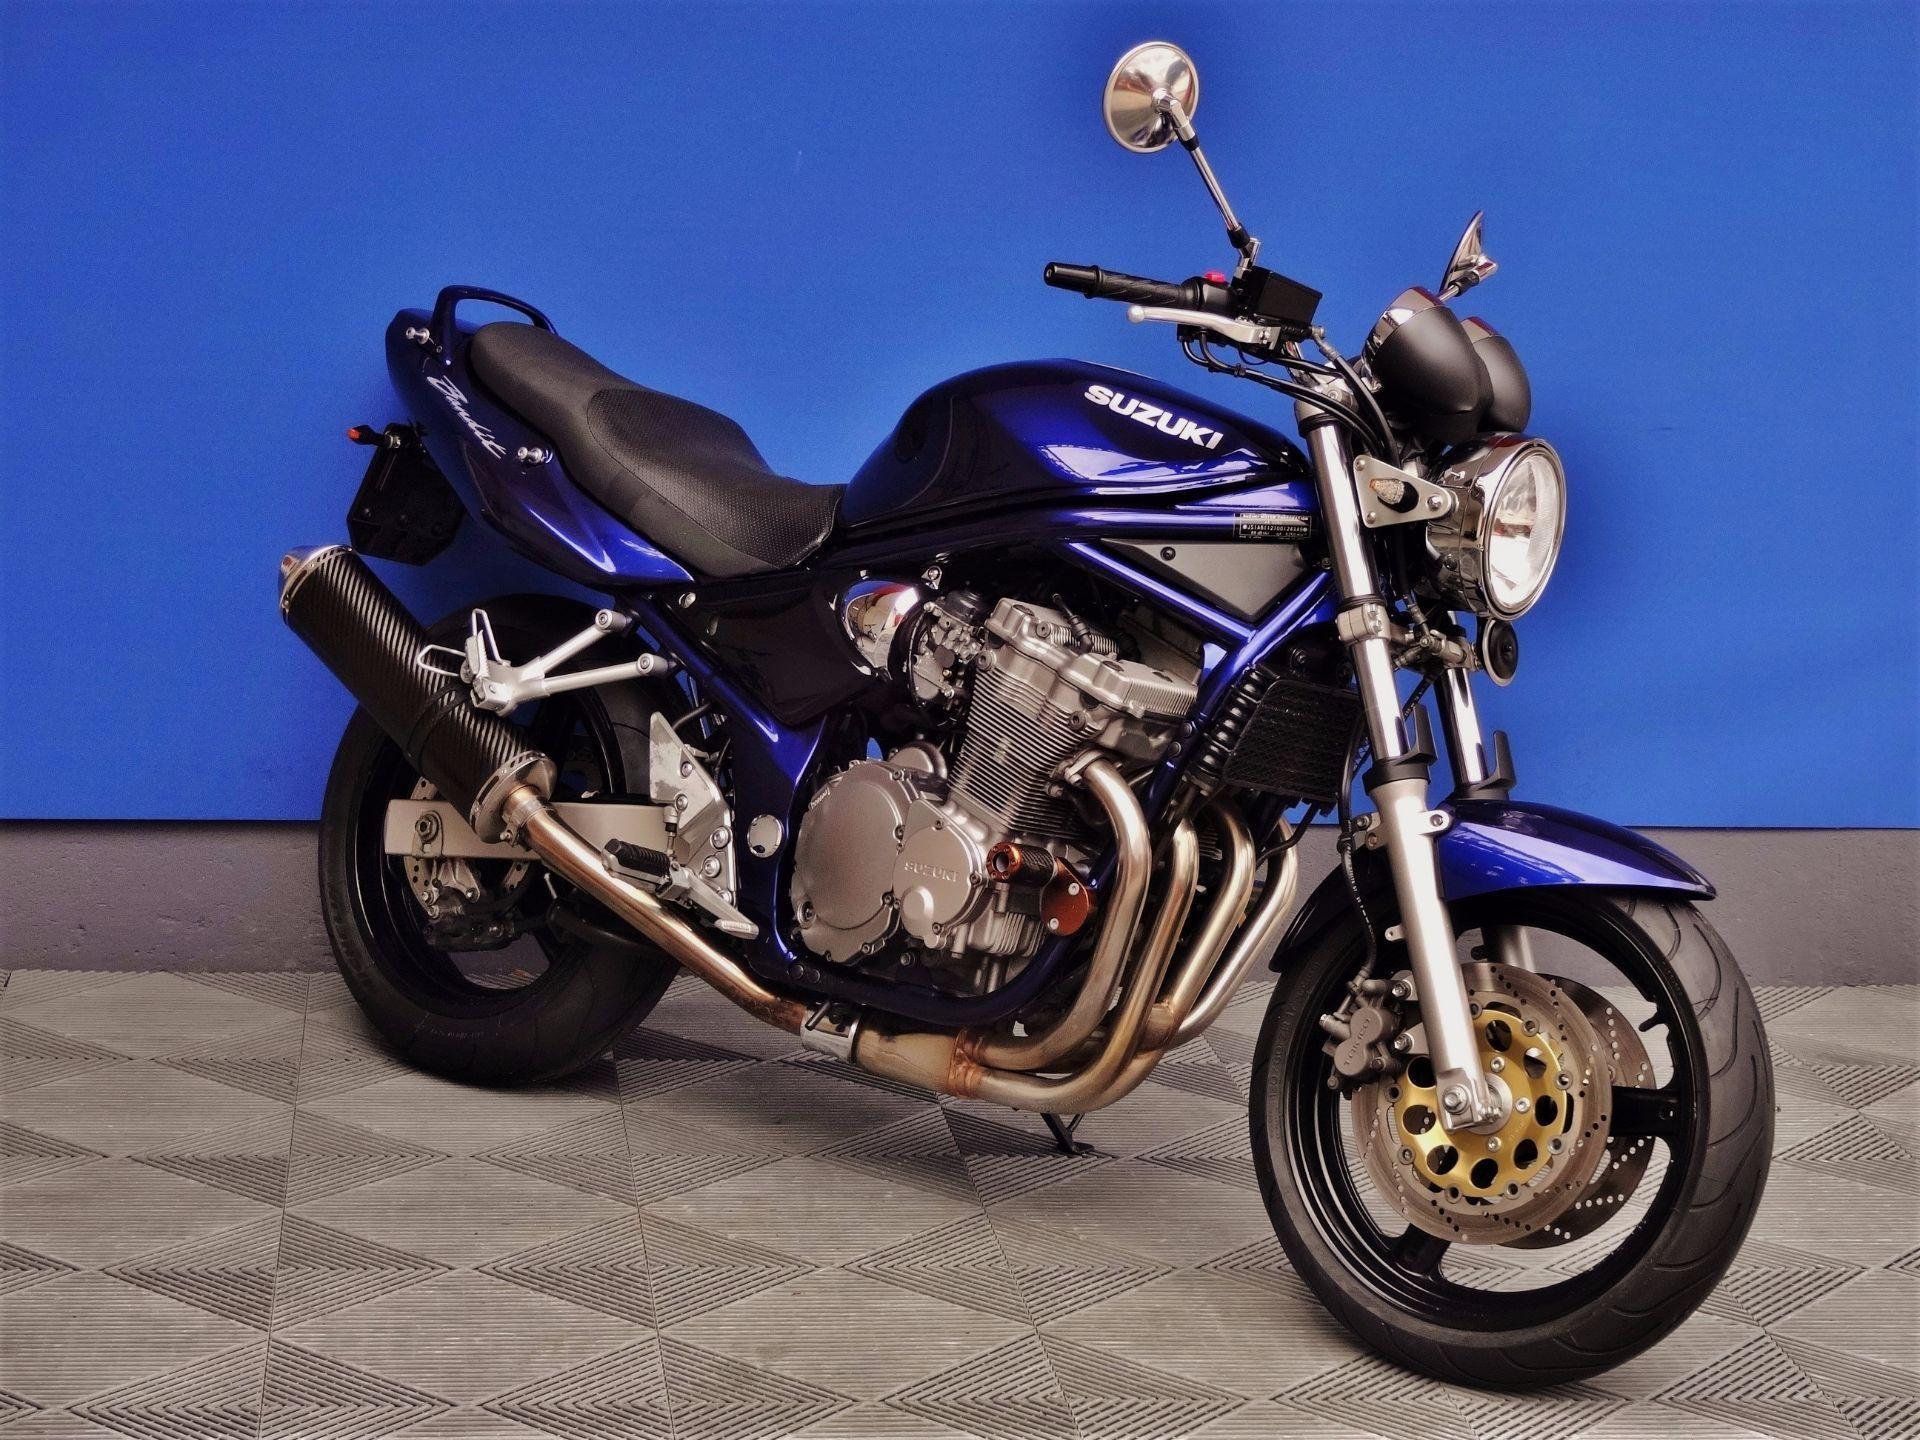 motorrad occasion kaufen suzuki gsf 600 bandit scorpion vogel motorbikes sch pfheim. Black Bedroom Furniture Sets. Home Design Ideas